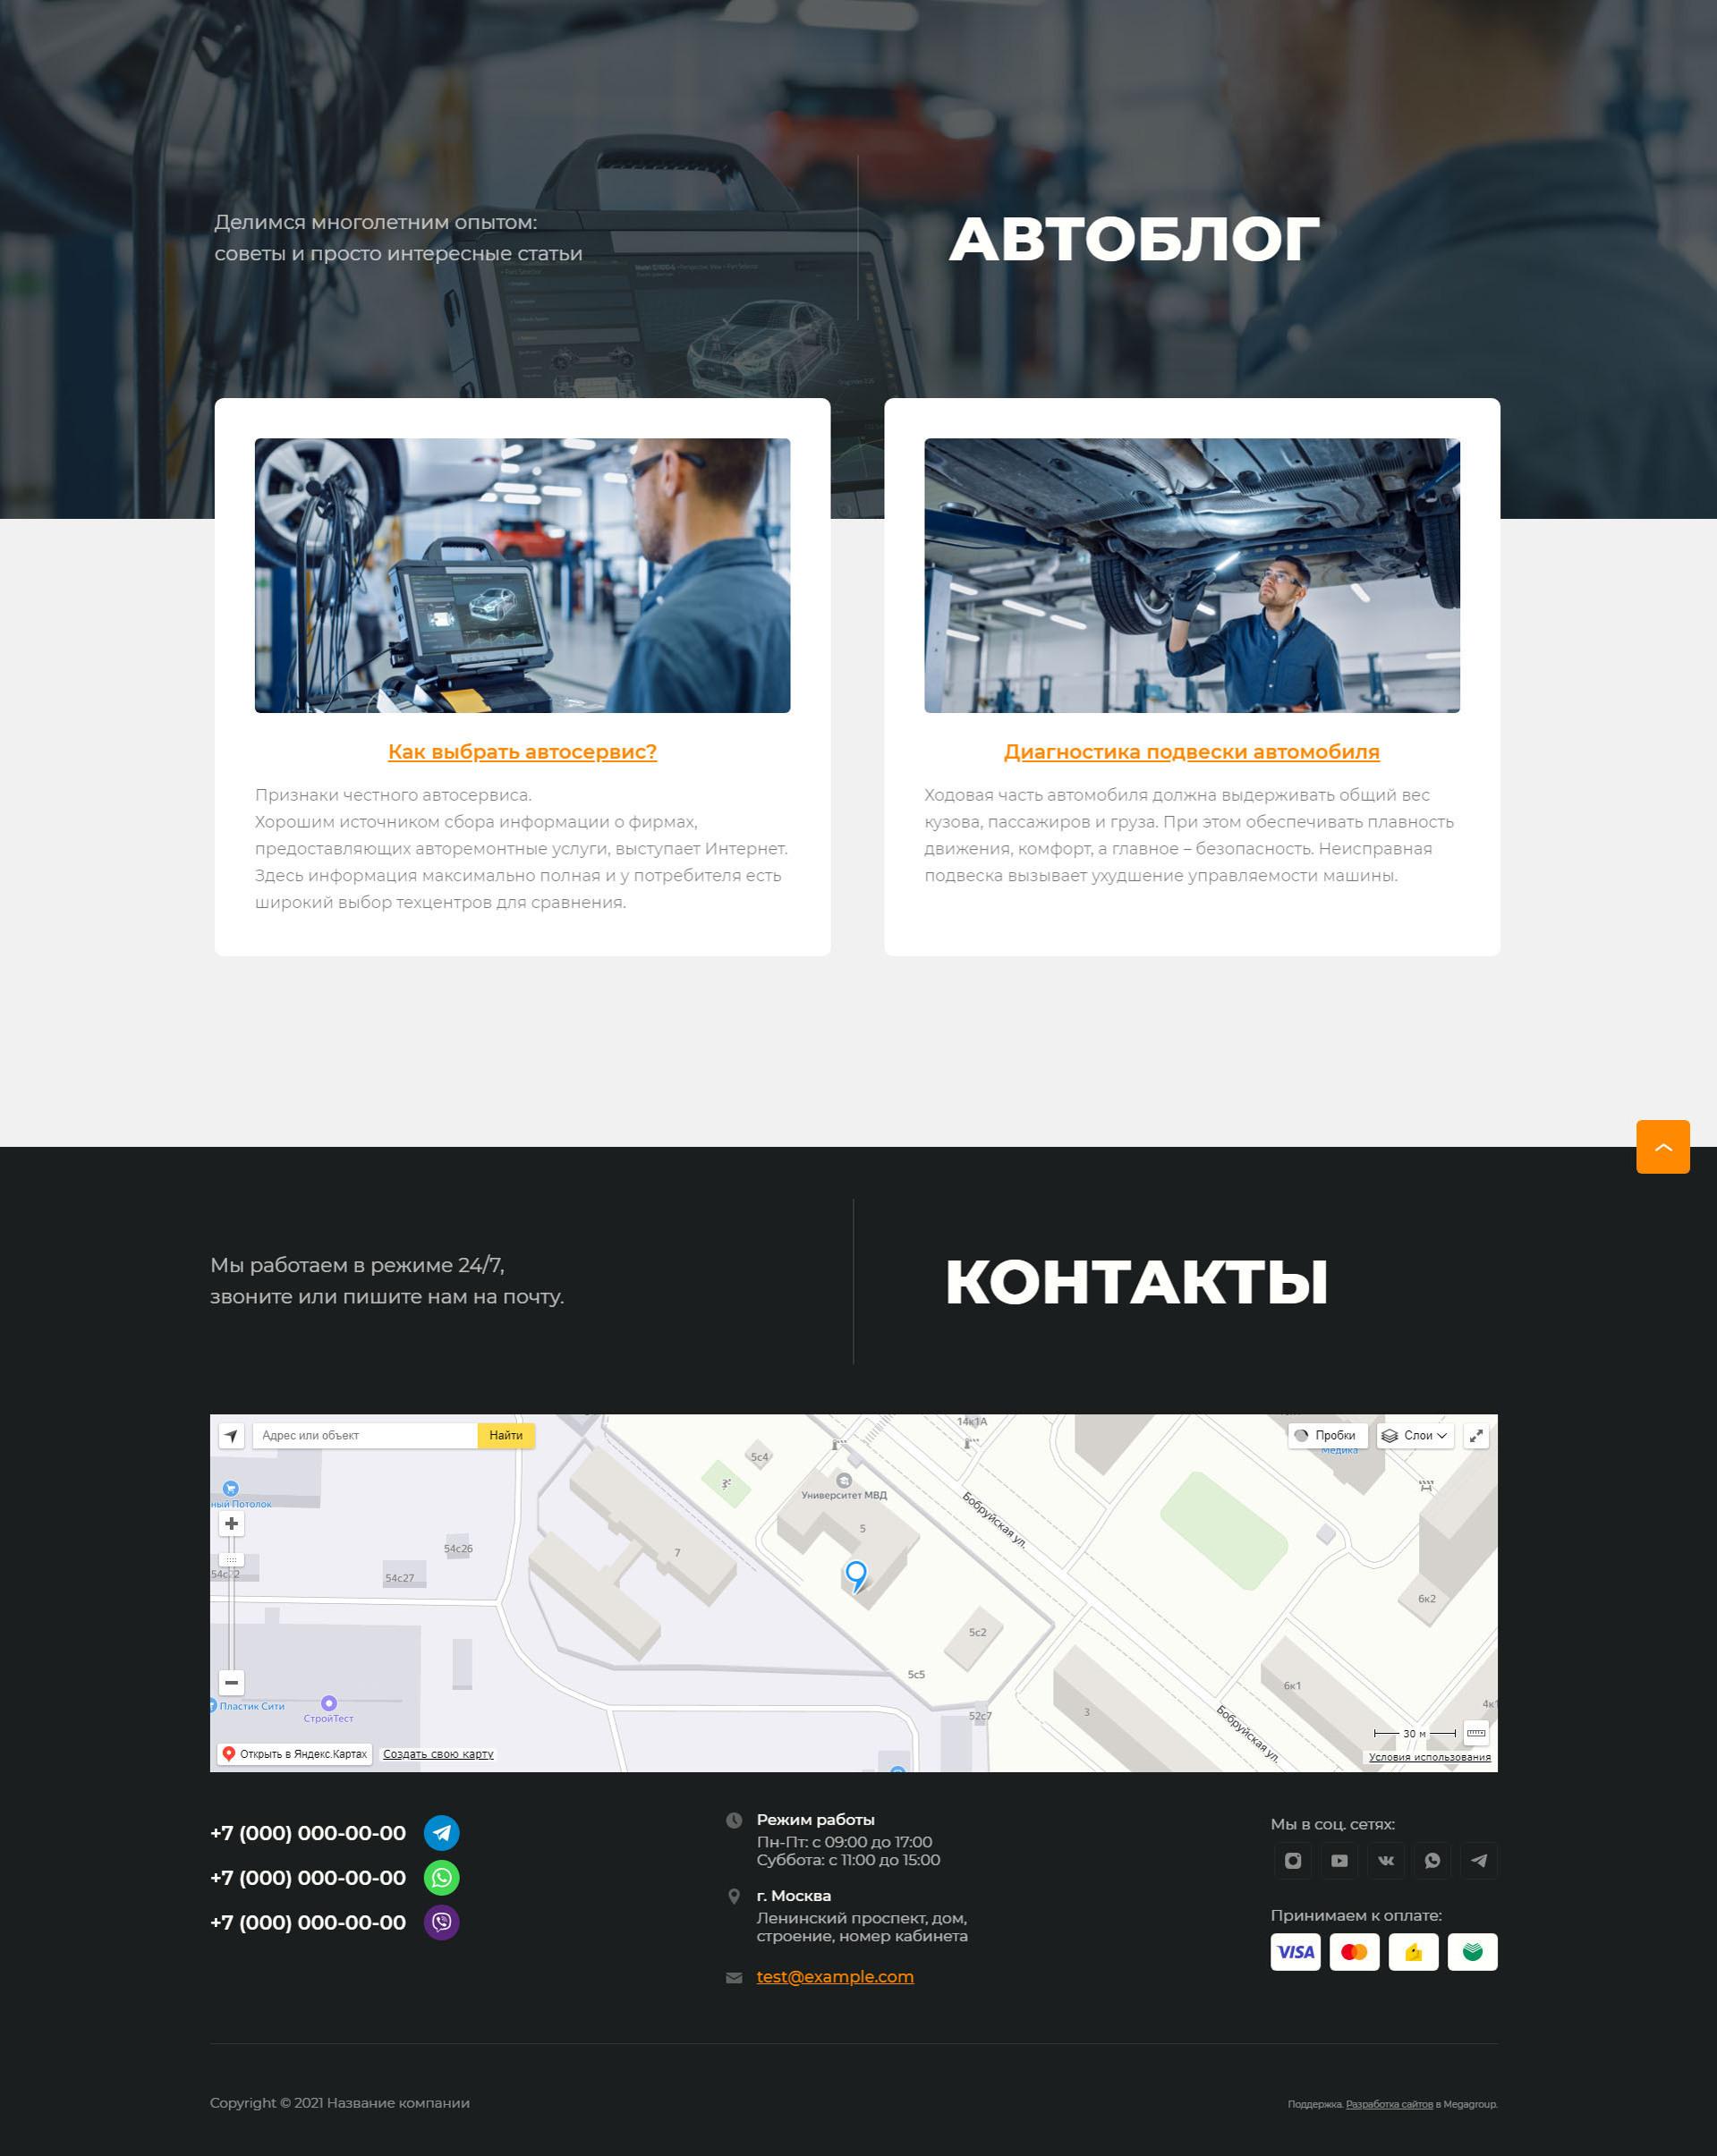 Готовый Сайт-Бизнес № 3084505 - Сайт автосервиса (Автоблог и подвал)